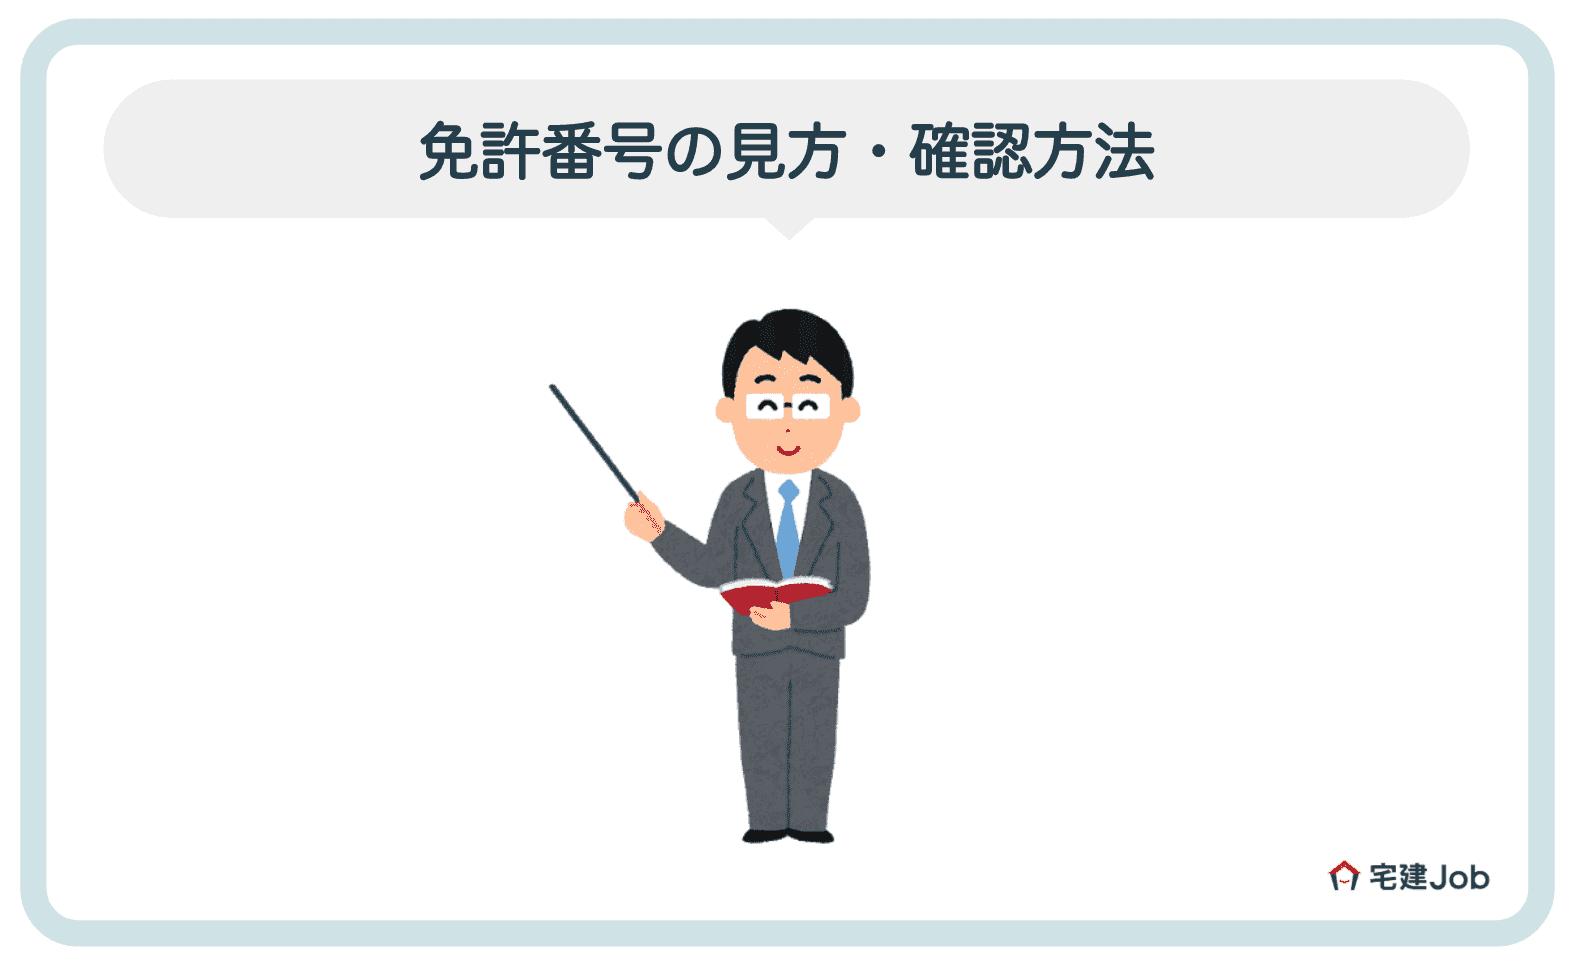 2.宅建の免許番号の見方・確認方法【会社の信用度が分かる!?】